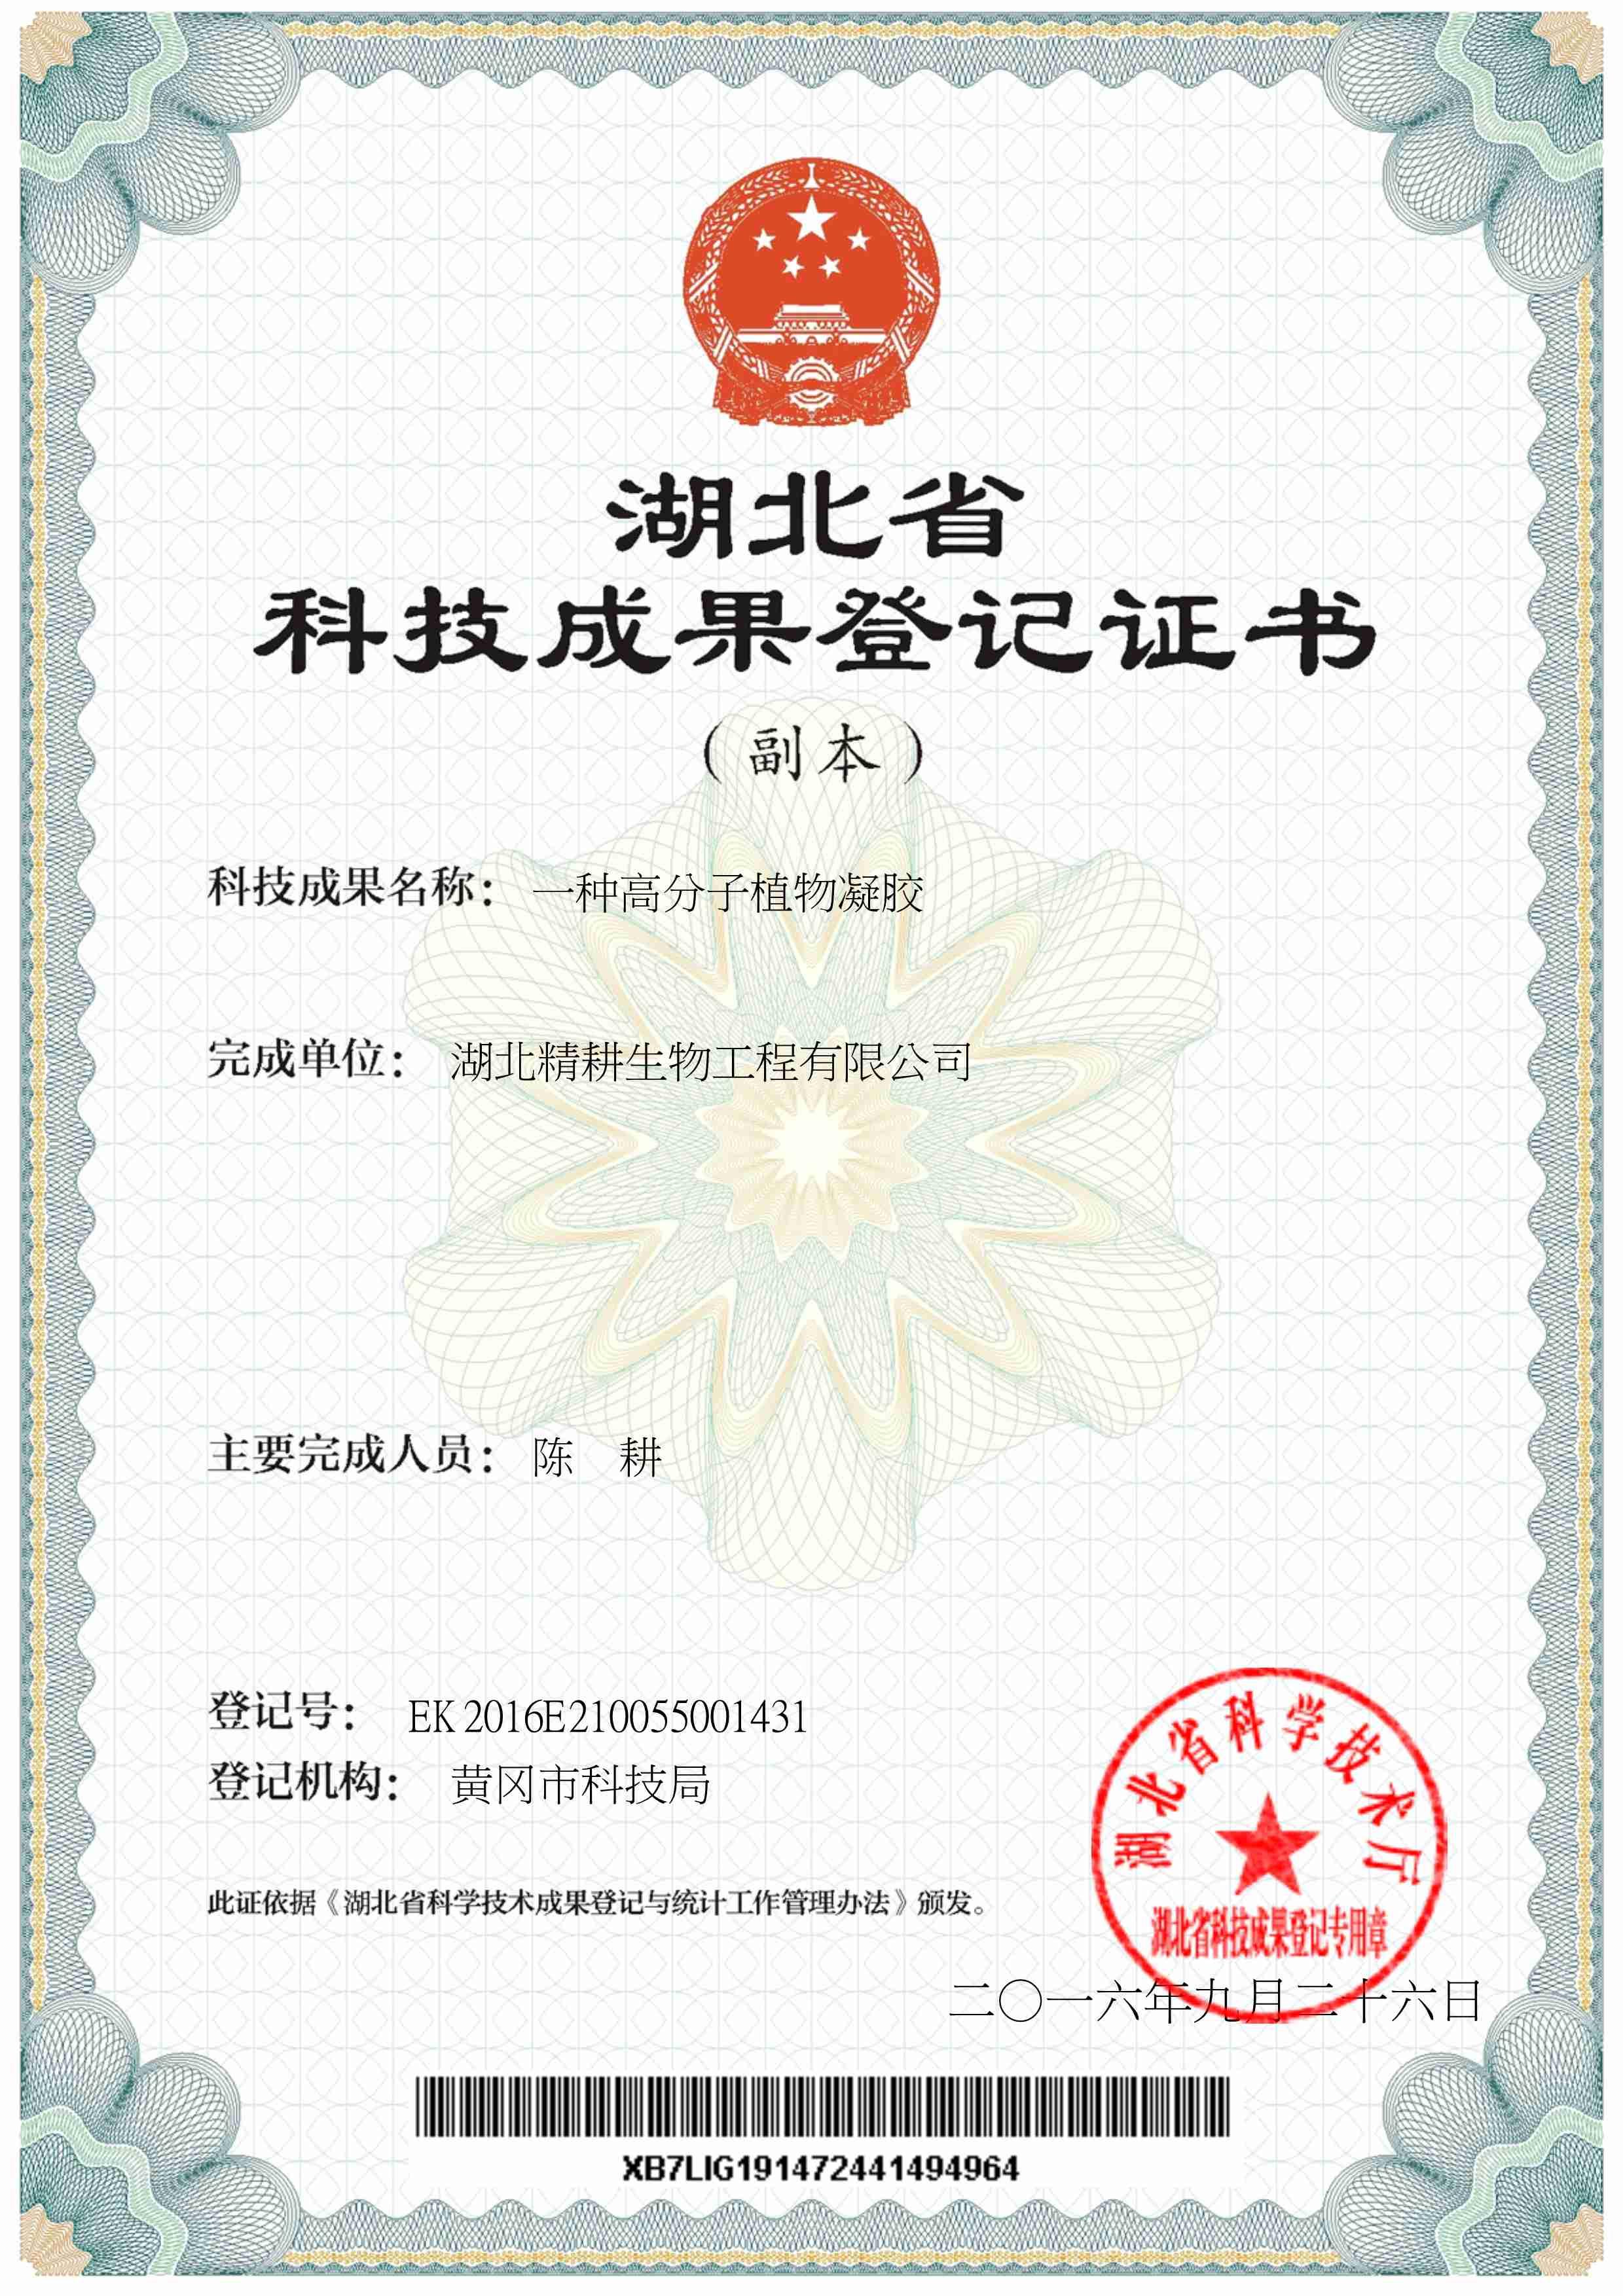 本公司发明专利一种高分子植物凝胶获得湖北省科技成果登记证书!